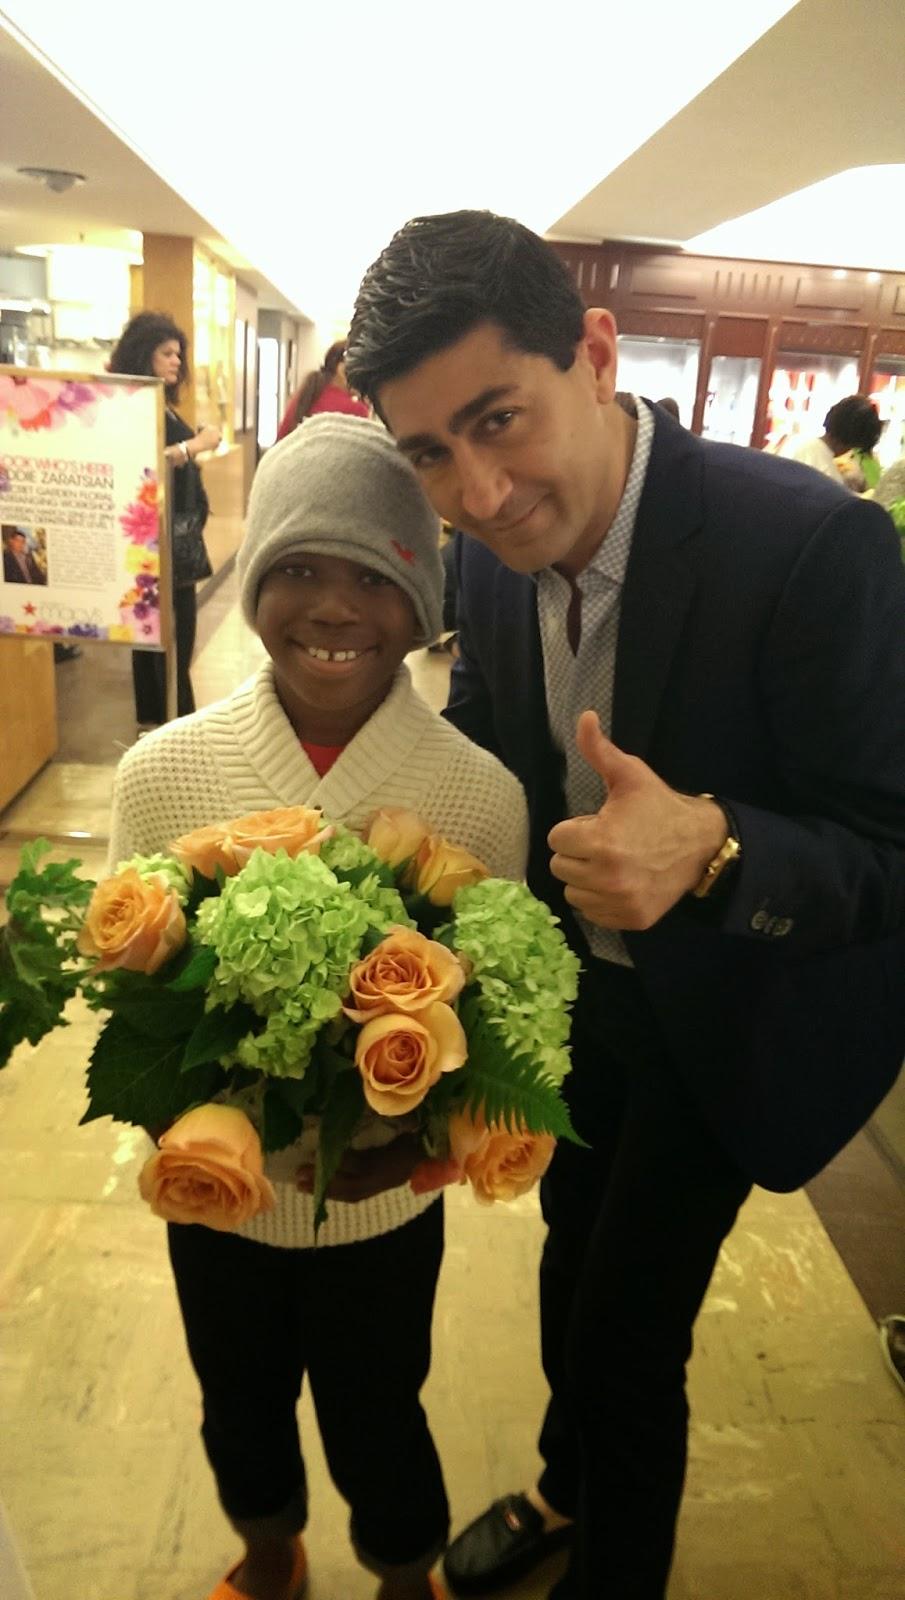 Spring+Flowers+at+Macy Macys Spring Fashion Celebration With Eddie Zartatsian - Macy's Flower Show